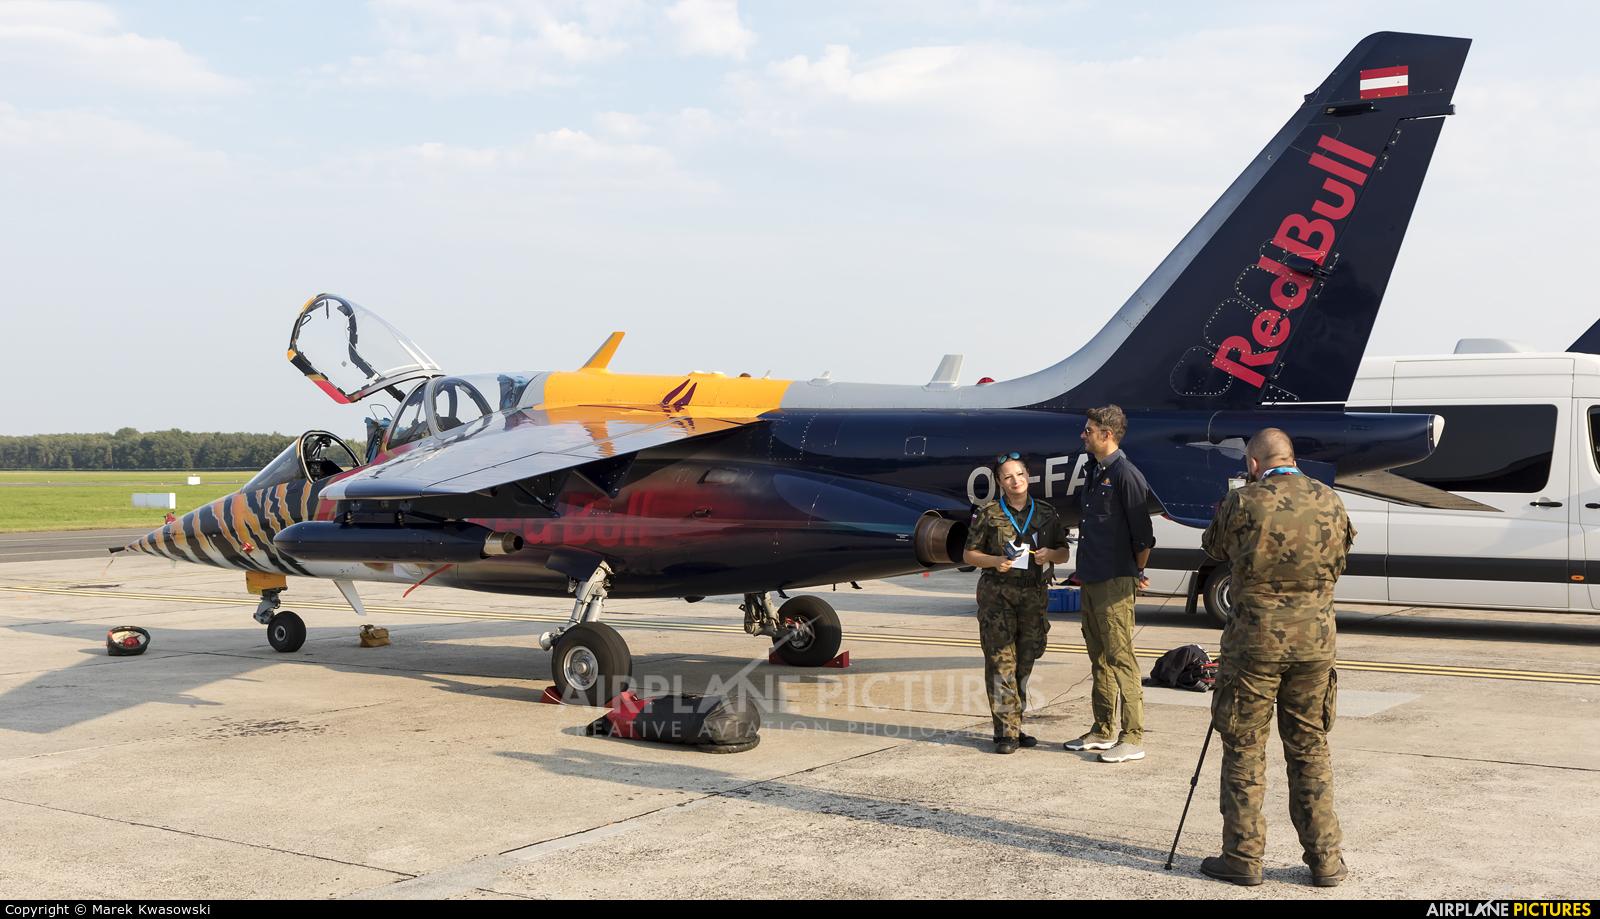 Red Bull OE-FAS aircraft at Radom - Sadków